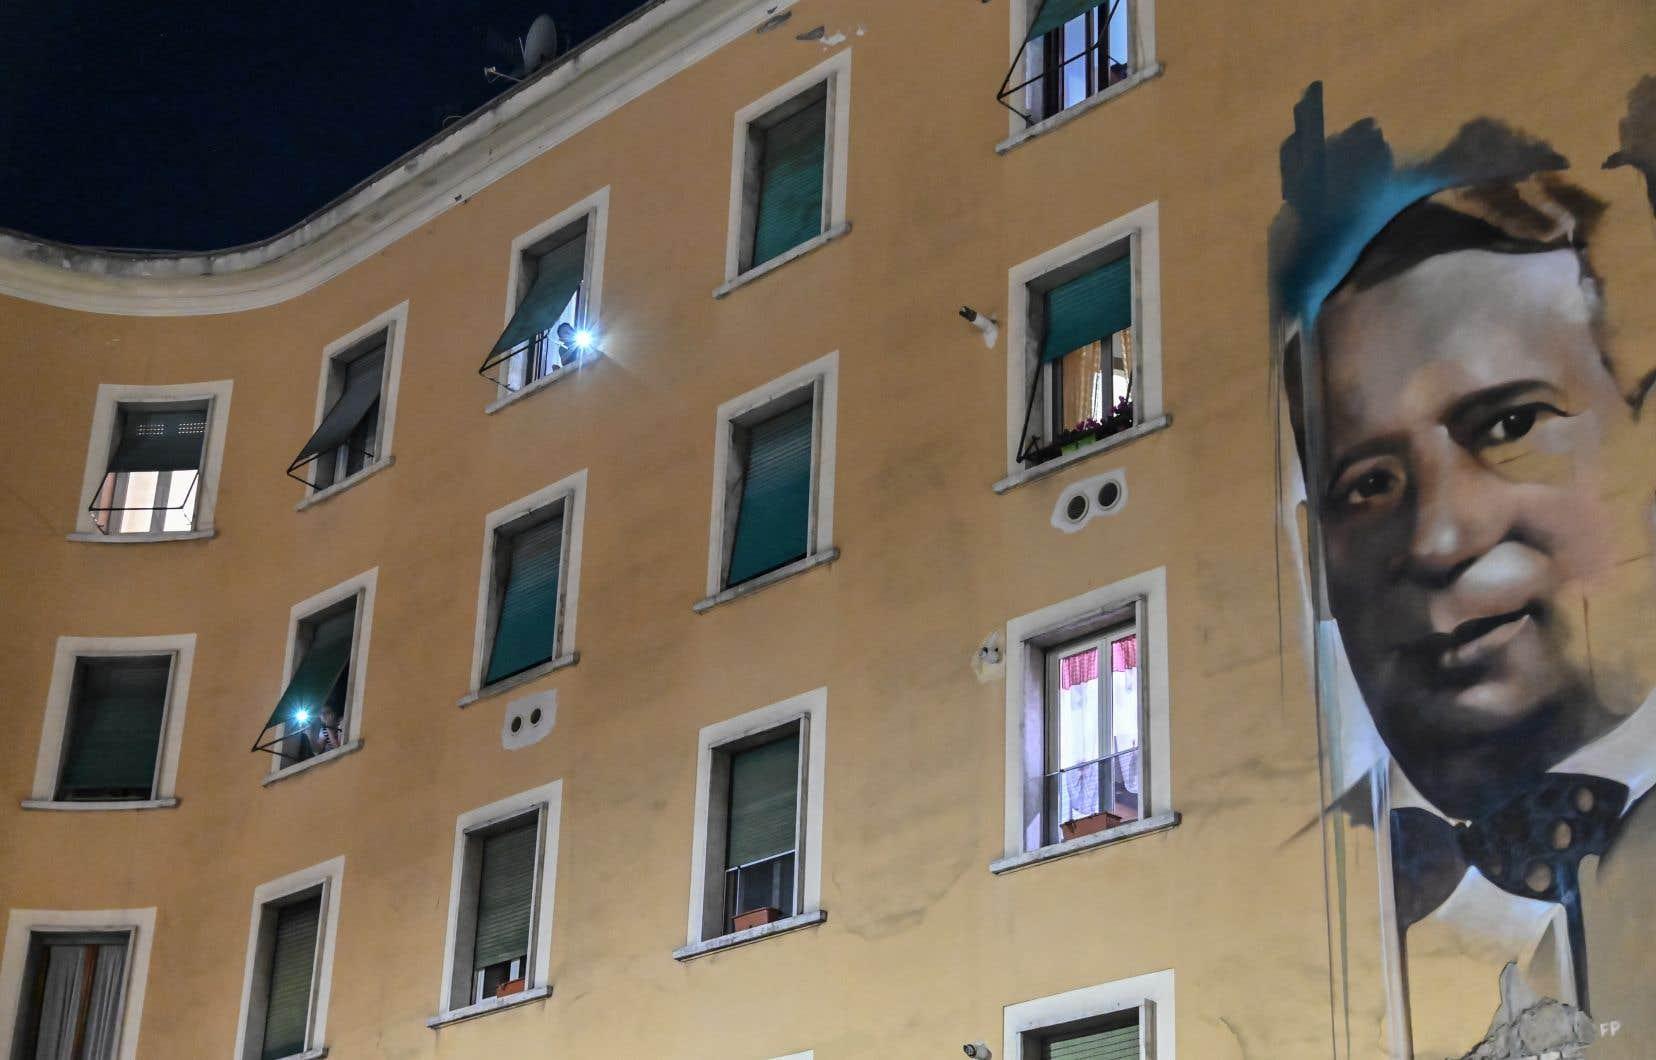 «Nous sommes tous appelés à nous inventer une nouvelle vie, à nous sentir proches même si nous sommes éloignés», écrit la romancière qui défend le maintient d'un lien social même en période de confinement, comme ça a été le cas avec le «flash mob<i>»</i>du 15mars «Italia Patria Nostra» (Italie notre pays), cellulaire aux fenêtres, à Rome.